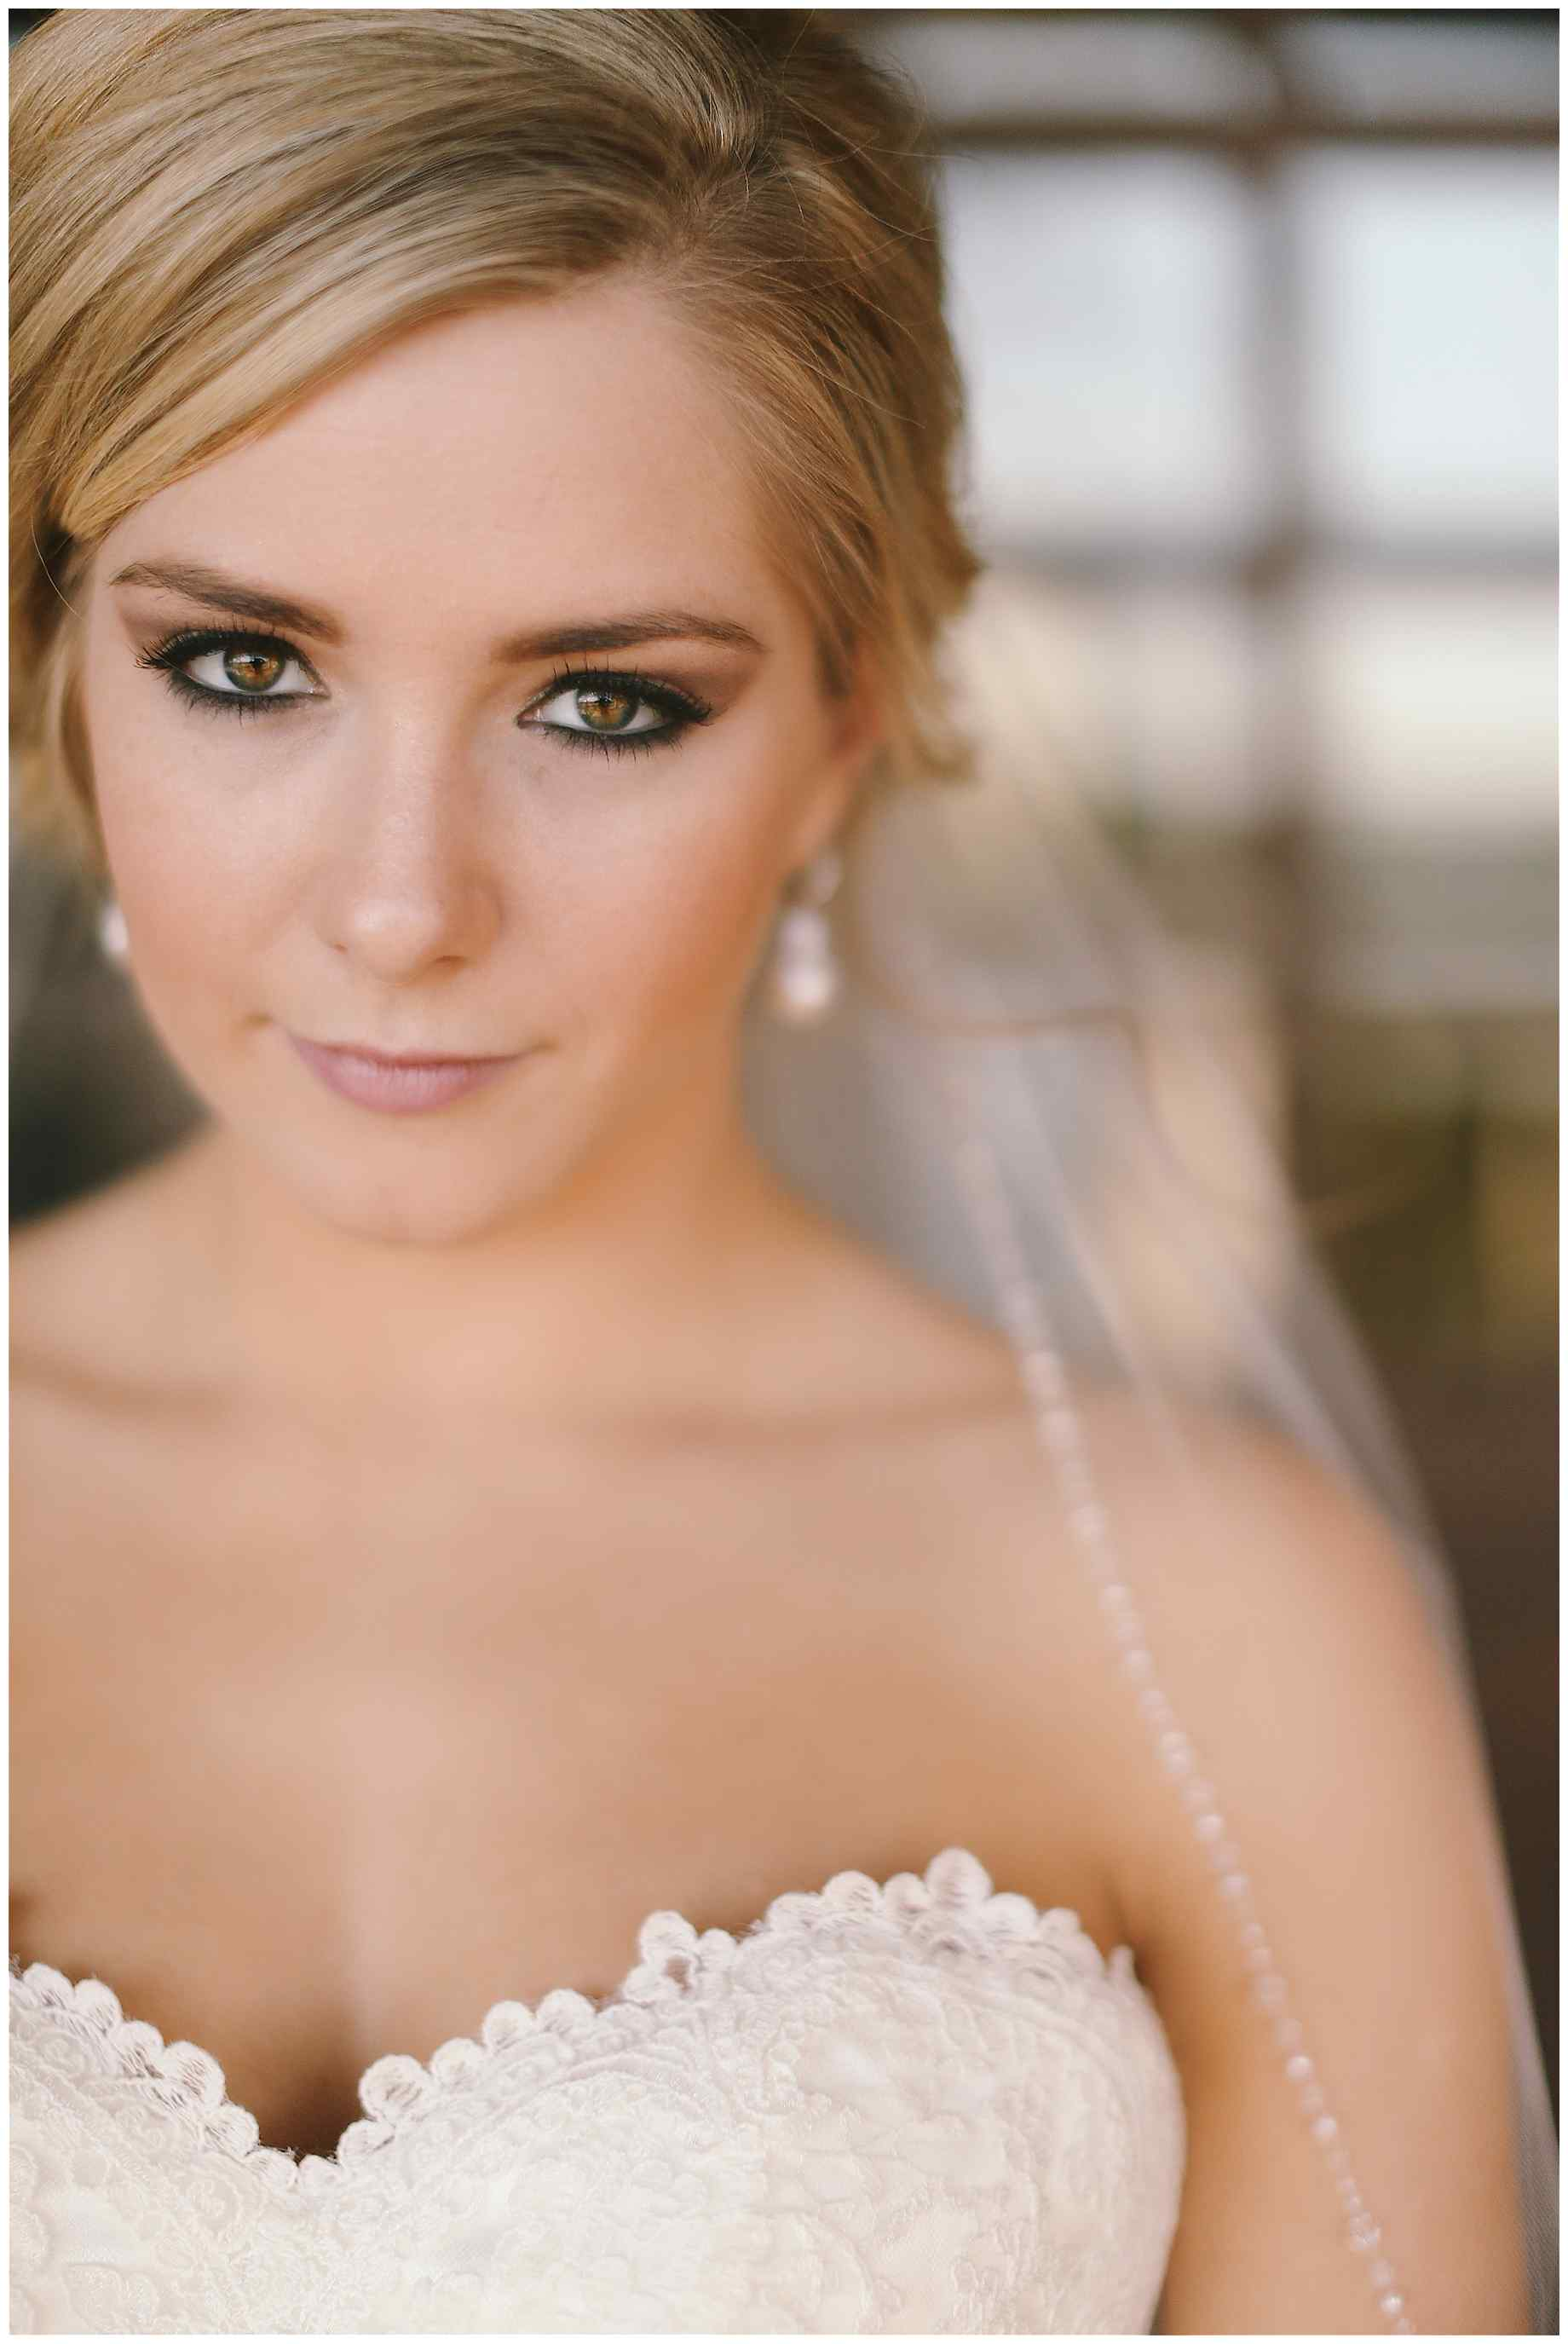 top-10-bridal-photos-of-2015-003